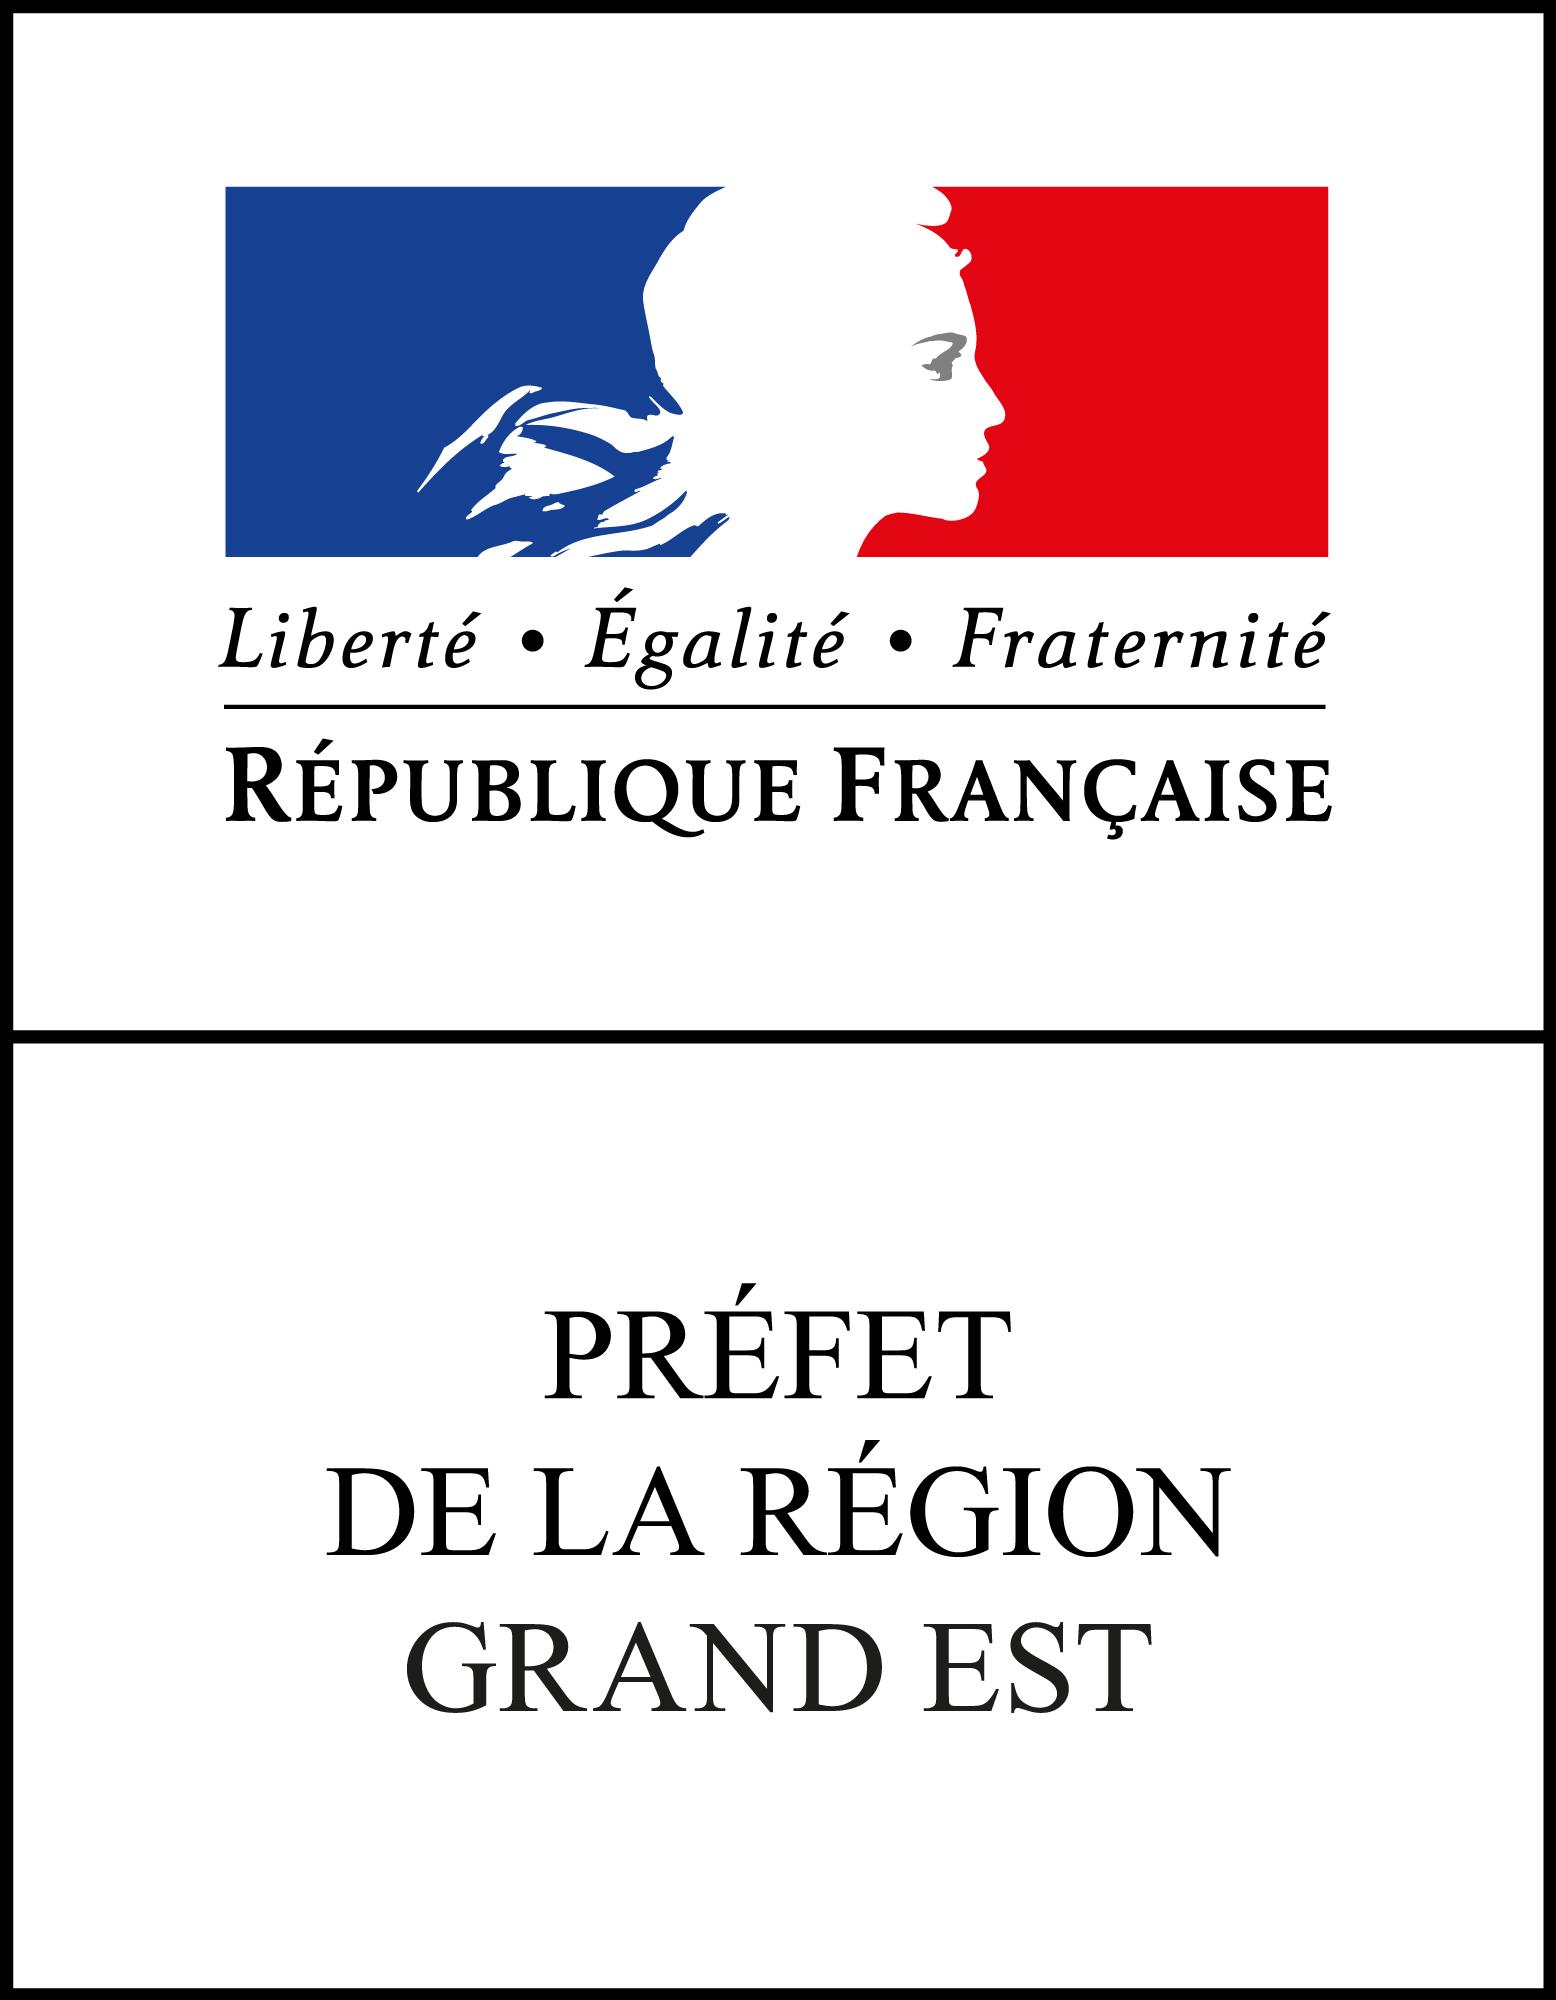 Tlcharger Le Logo Du Prfet De Rgion